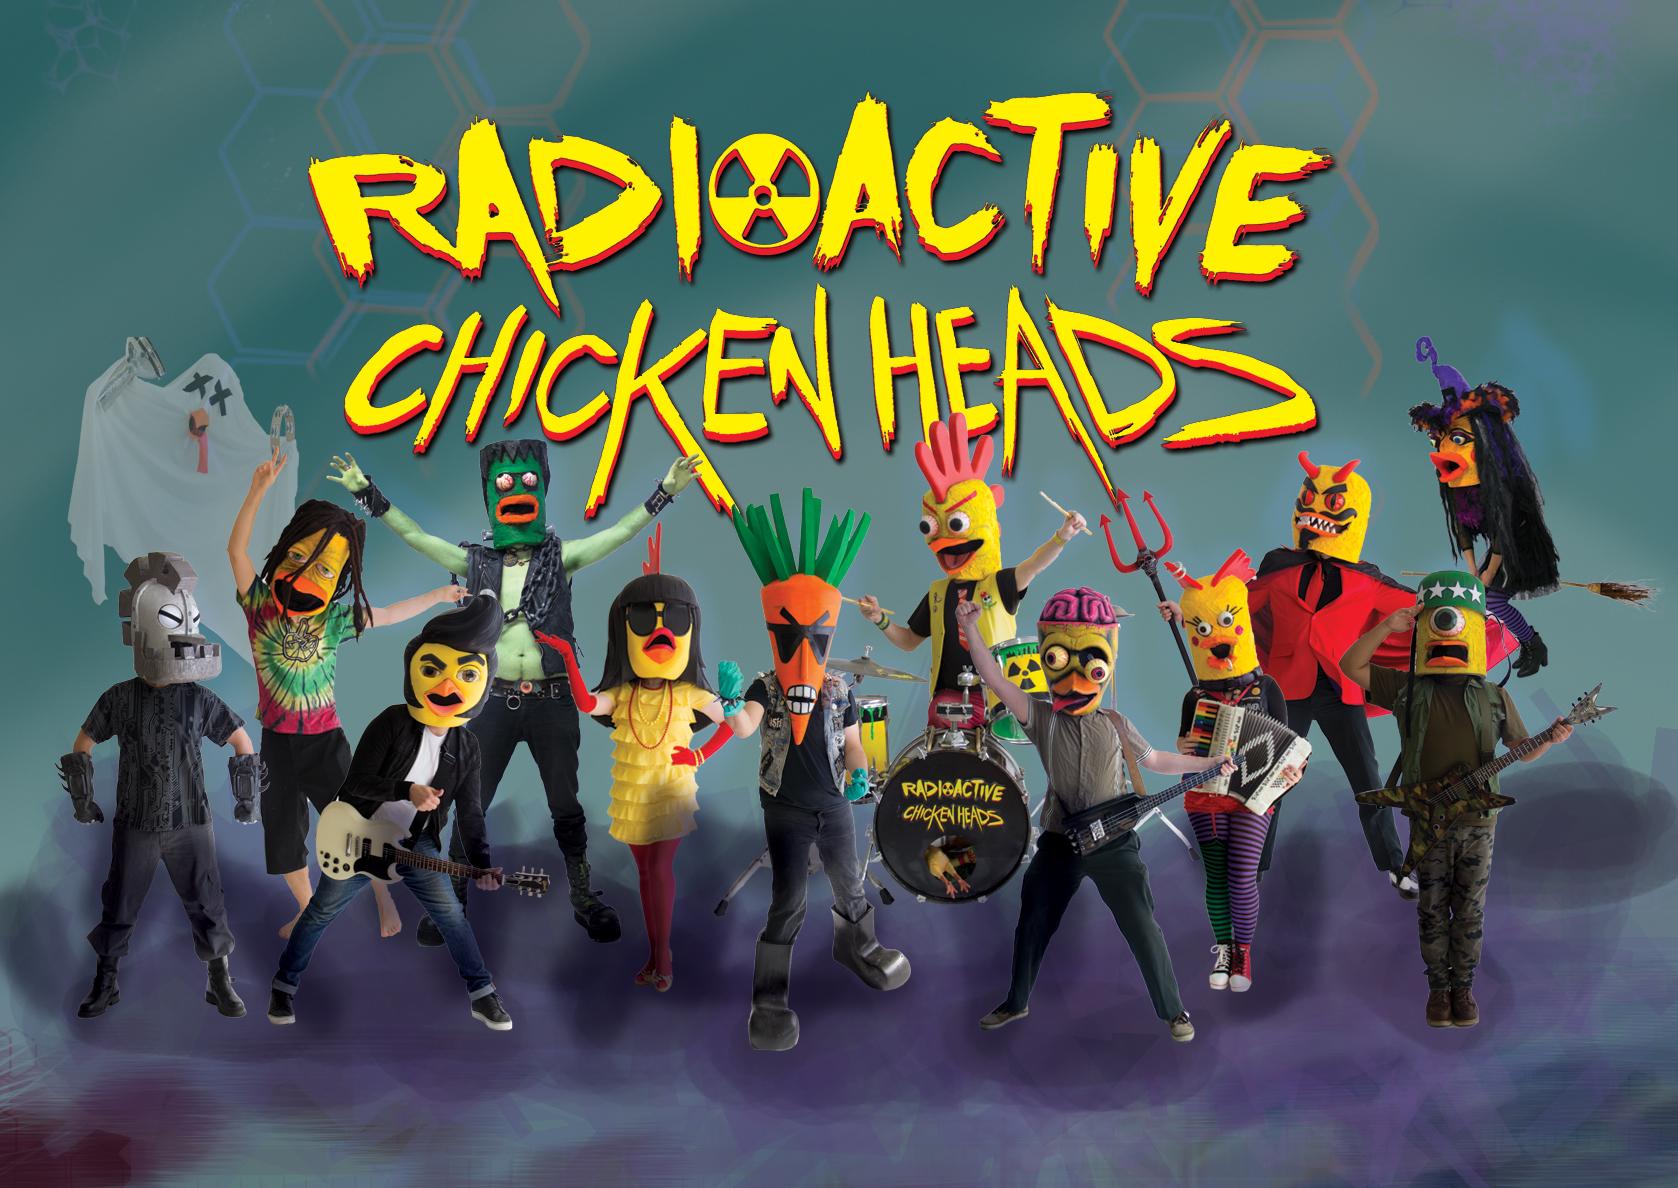 RADIO ACTIVE CHICKEN HEADS.jpg